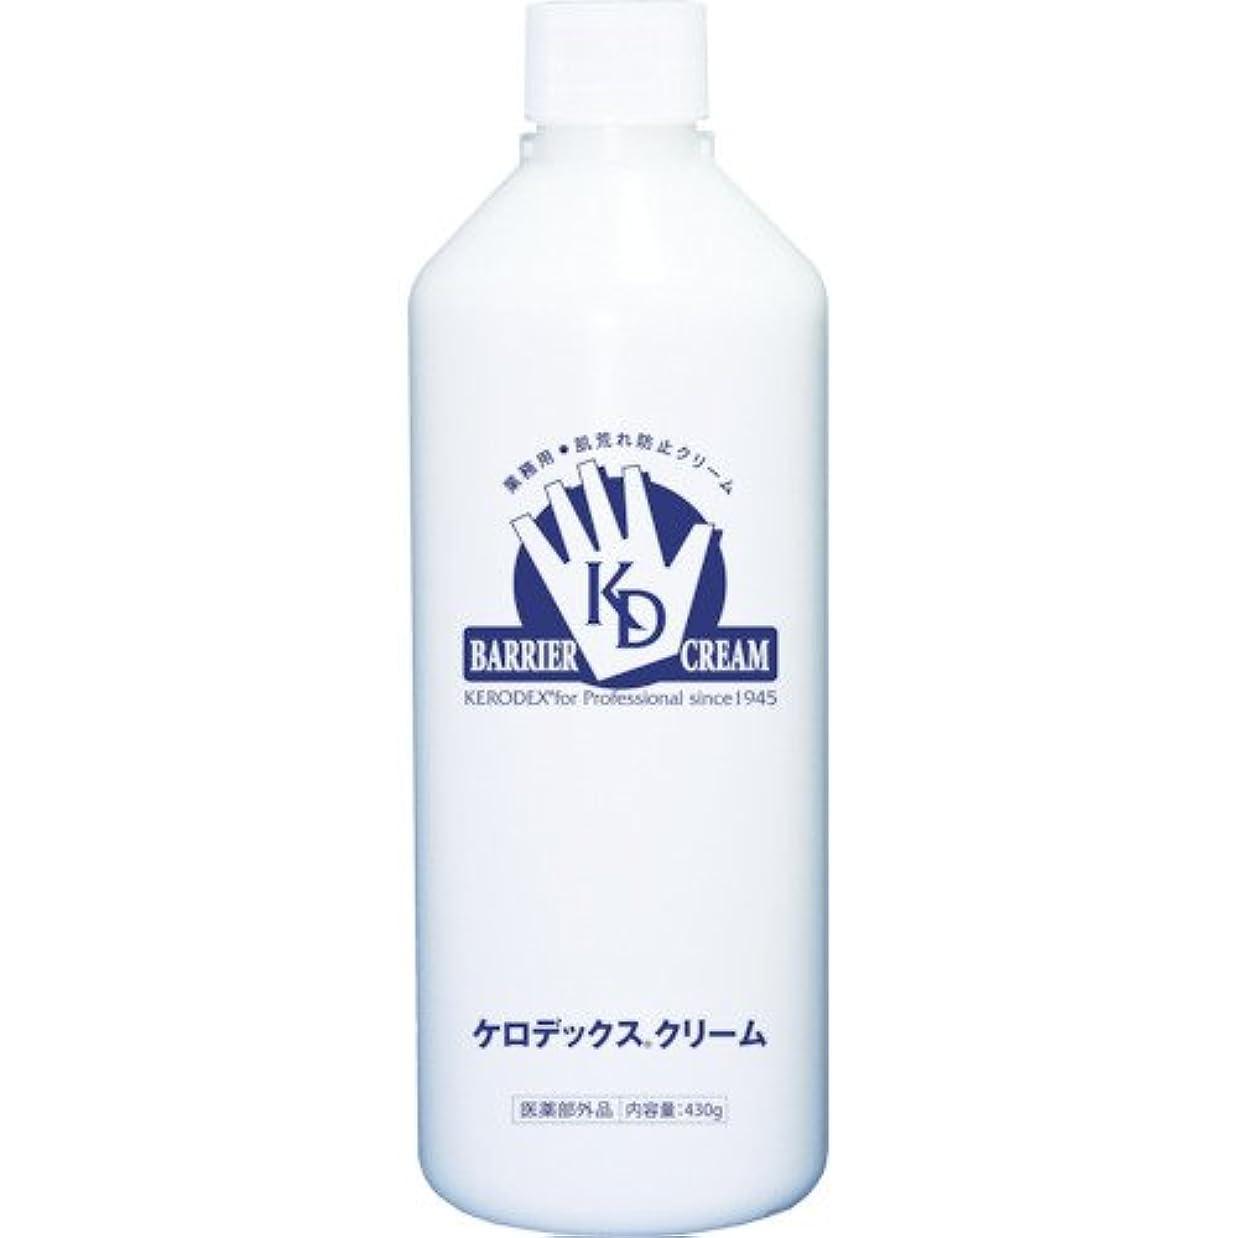 はず泣いている公園ケロデックスクリーム ボトルタイプ 詰替用 430g